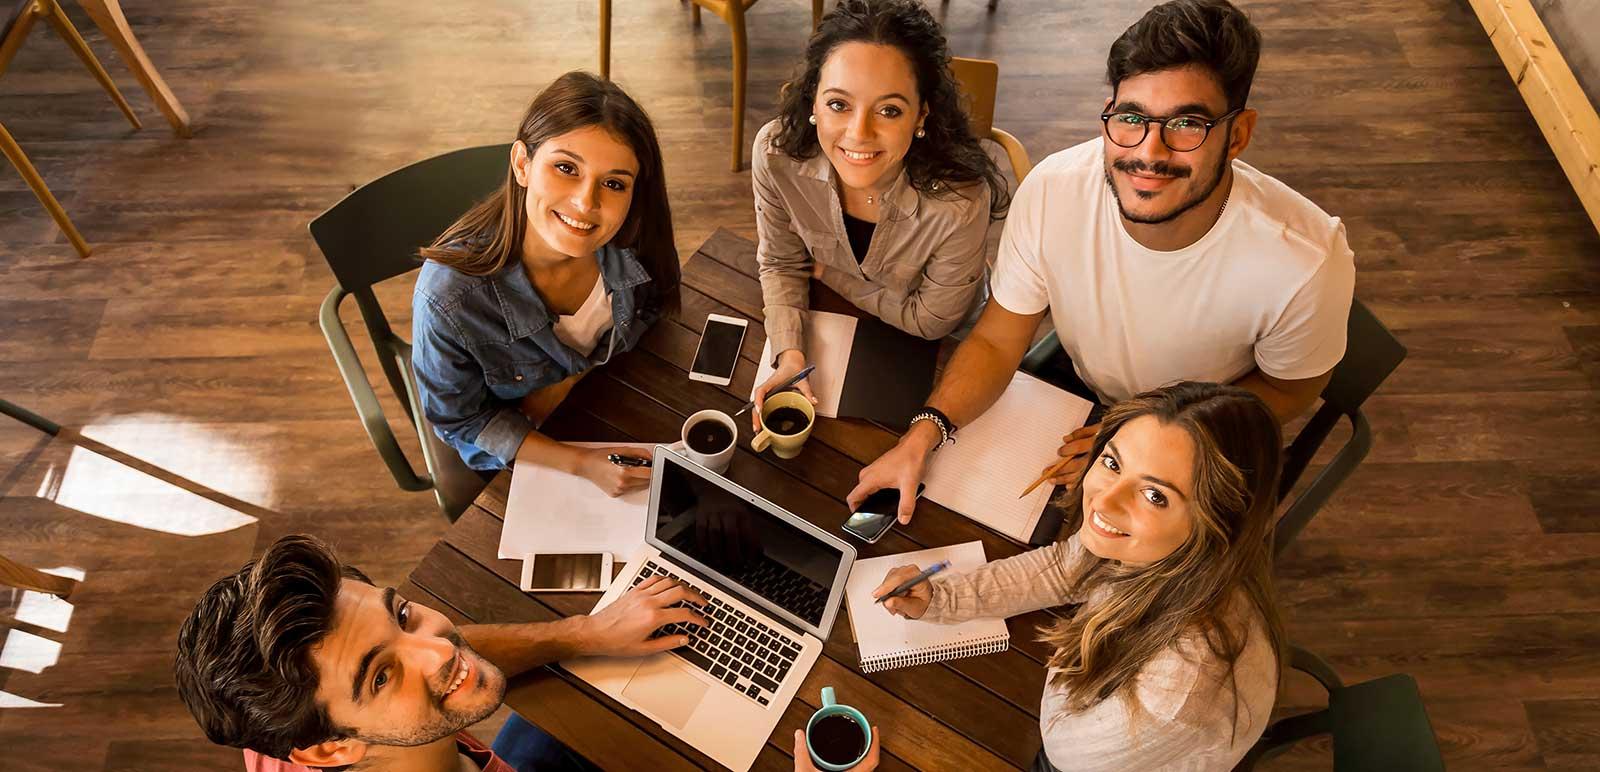 Quins estudis tenen més demanda | Escola Universitària Formatic Barcelona